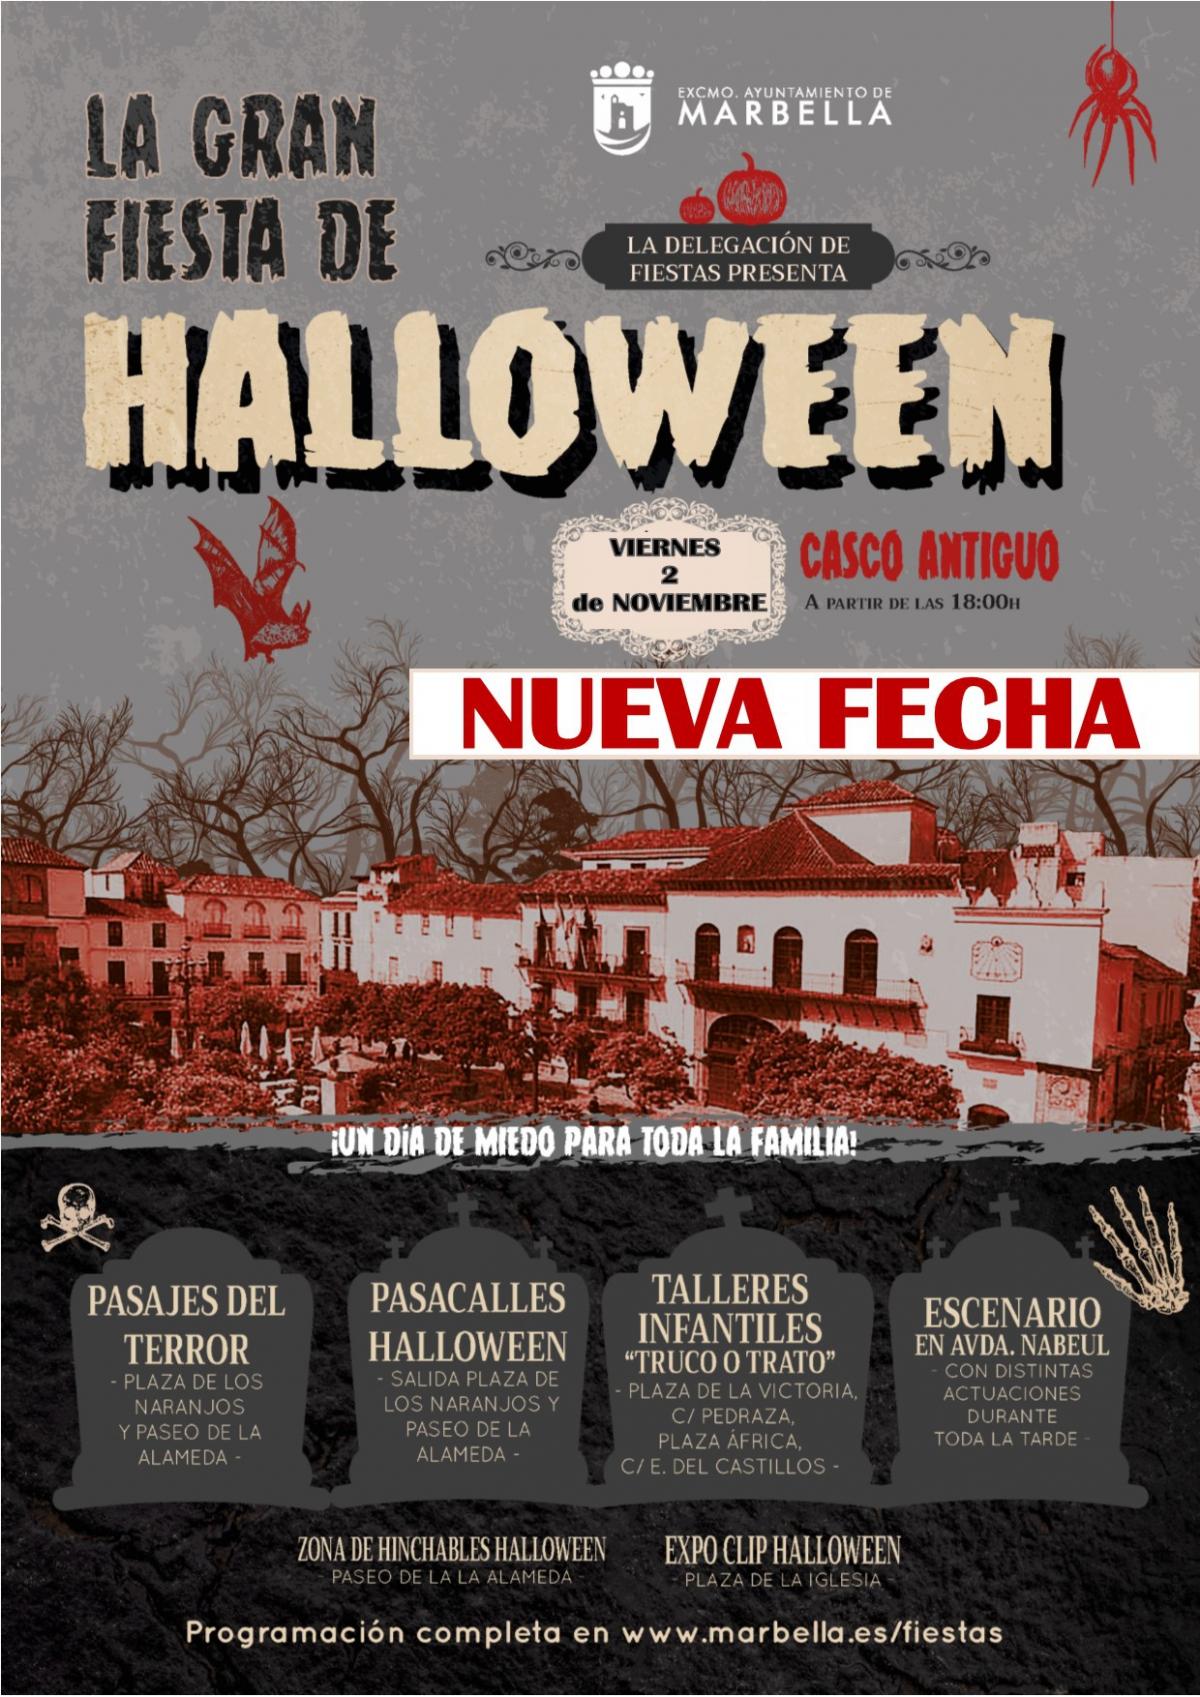 La Fiesta De Halloween Prevista Para Mañana En El Casco Antiguo Se